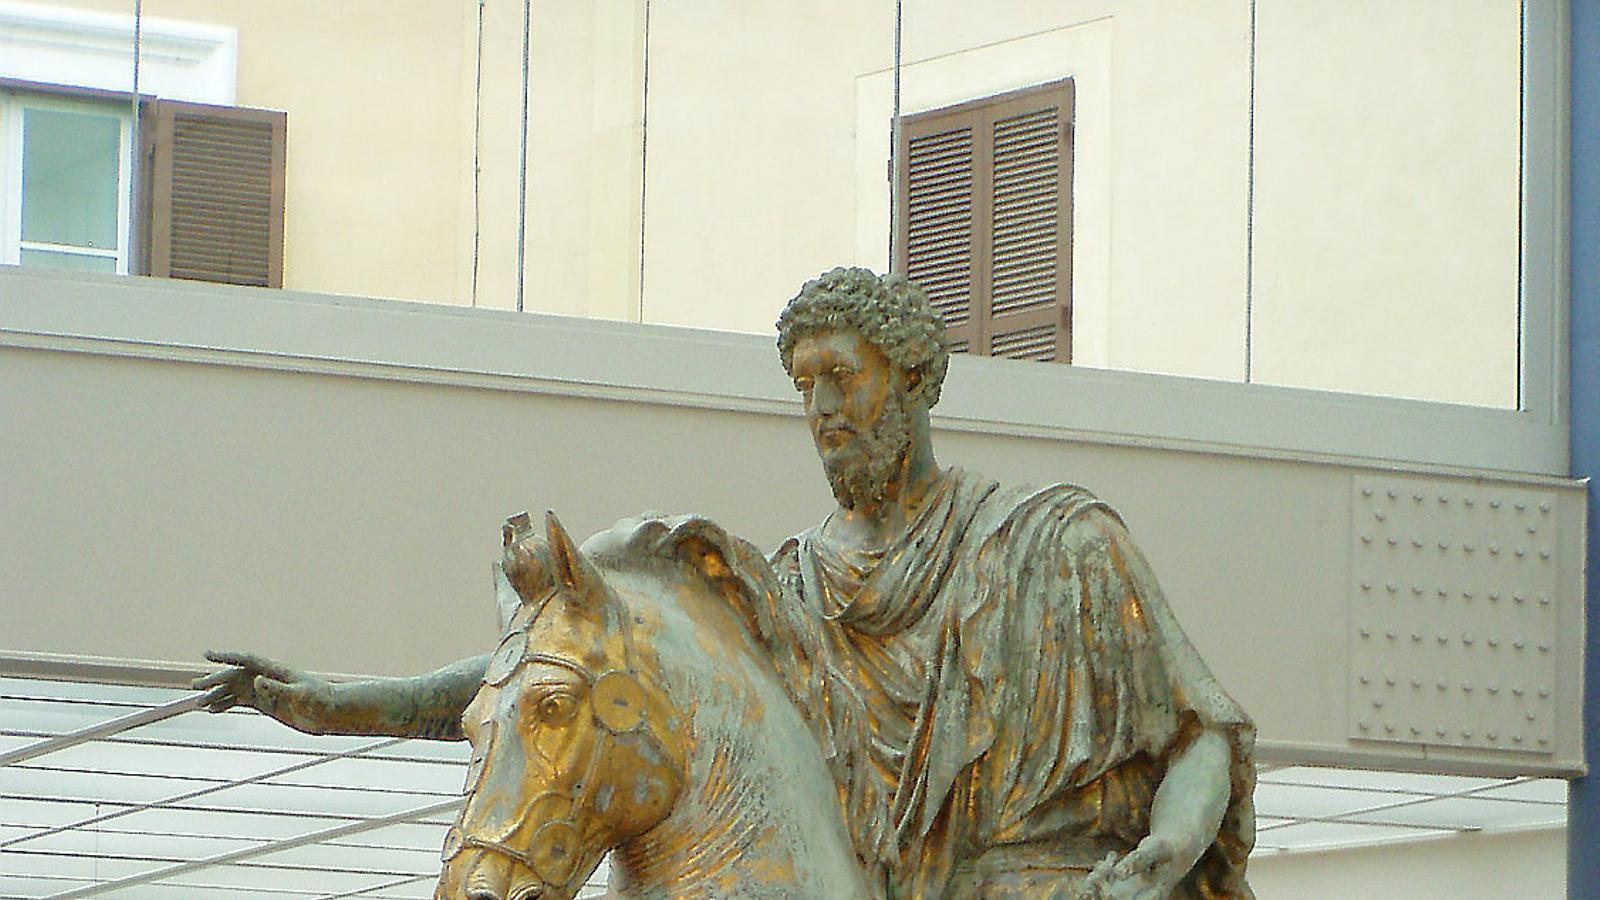 L'estàtua eqüestre de Marc Aureli, del segle II, que ara es conserva als Museus Capitolins de Roma. / WIKIPEDIA